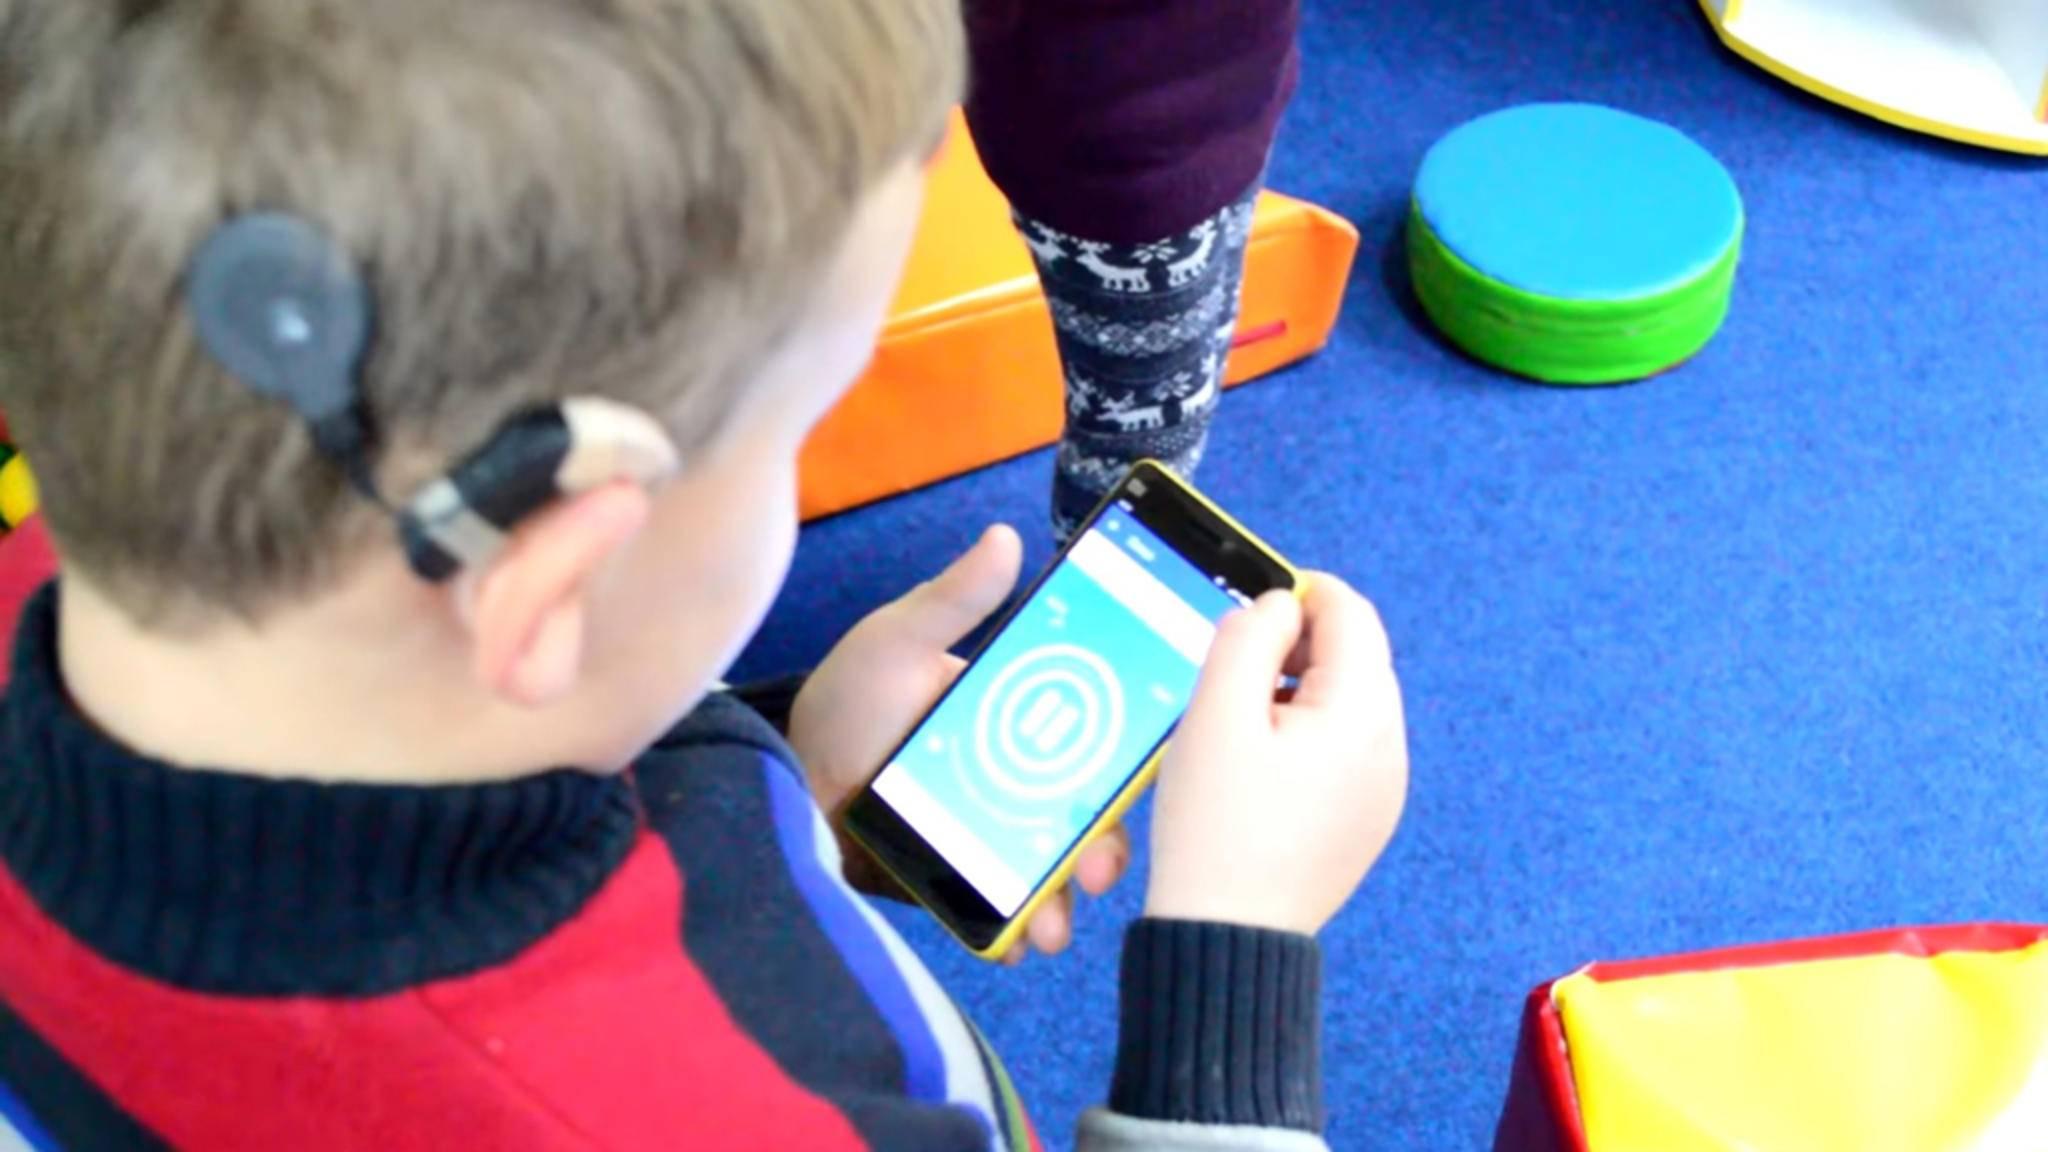 Die App BW Dance ermöglicht es gehörlosen Kindern, Weihnachtslieder zu fühlen.